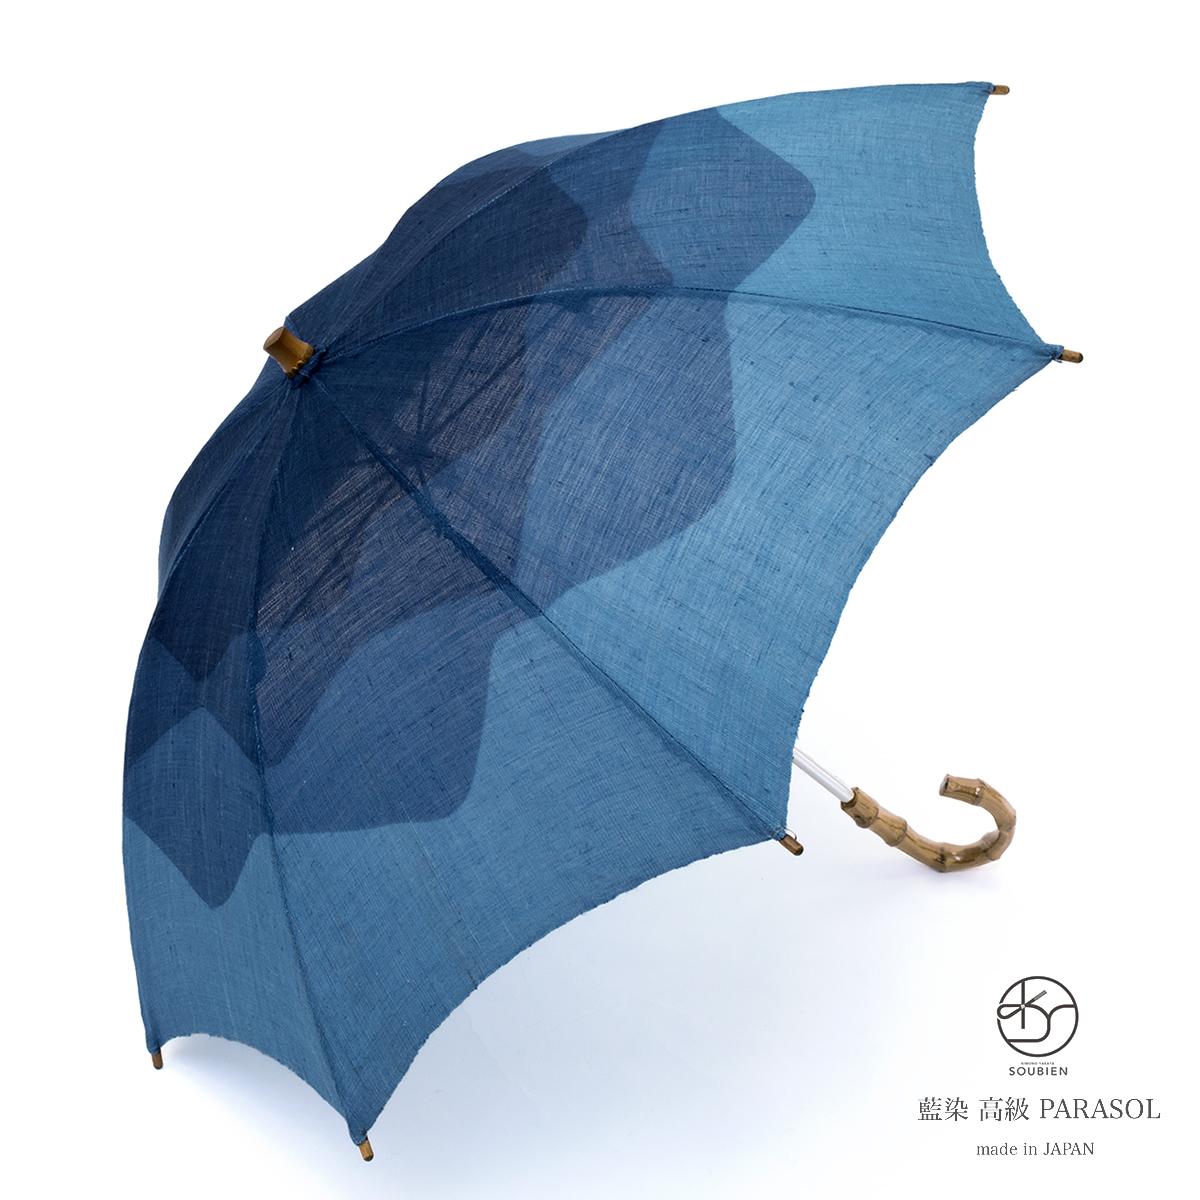 日傘 藍 インディゴブルー ネイビー 青 波 グラデーション 藍染 引染 麻 ひがさ 和装小物 便利小物 日本製【あす楽対応】【送料無料】